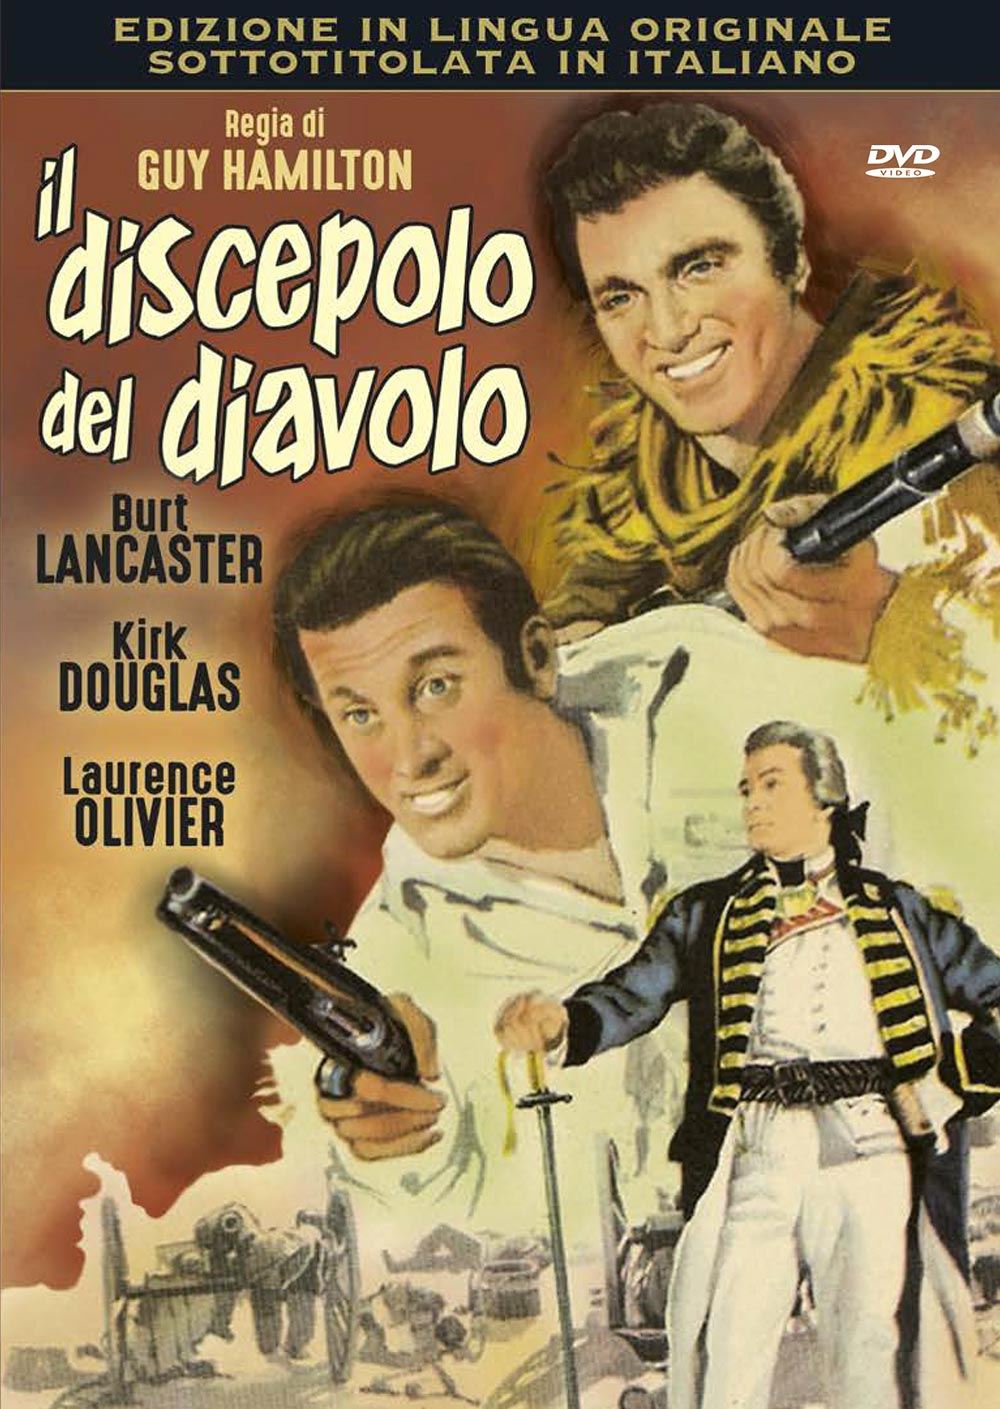 IL DISCEPOLO DEL DIAVOLO (DVD)